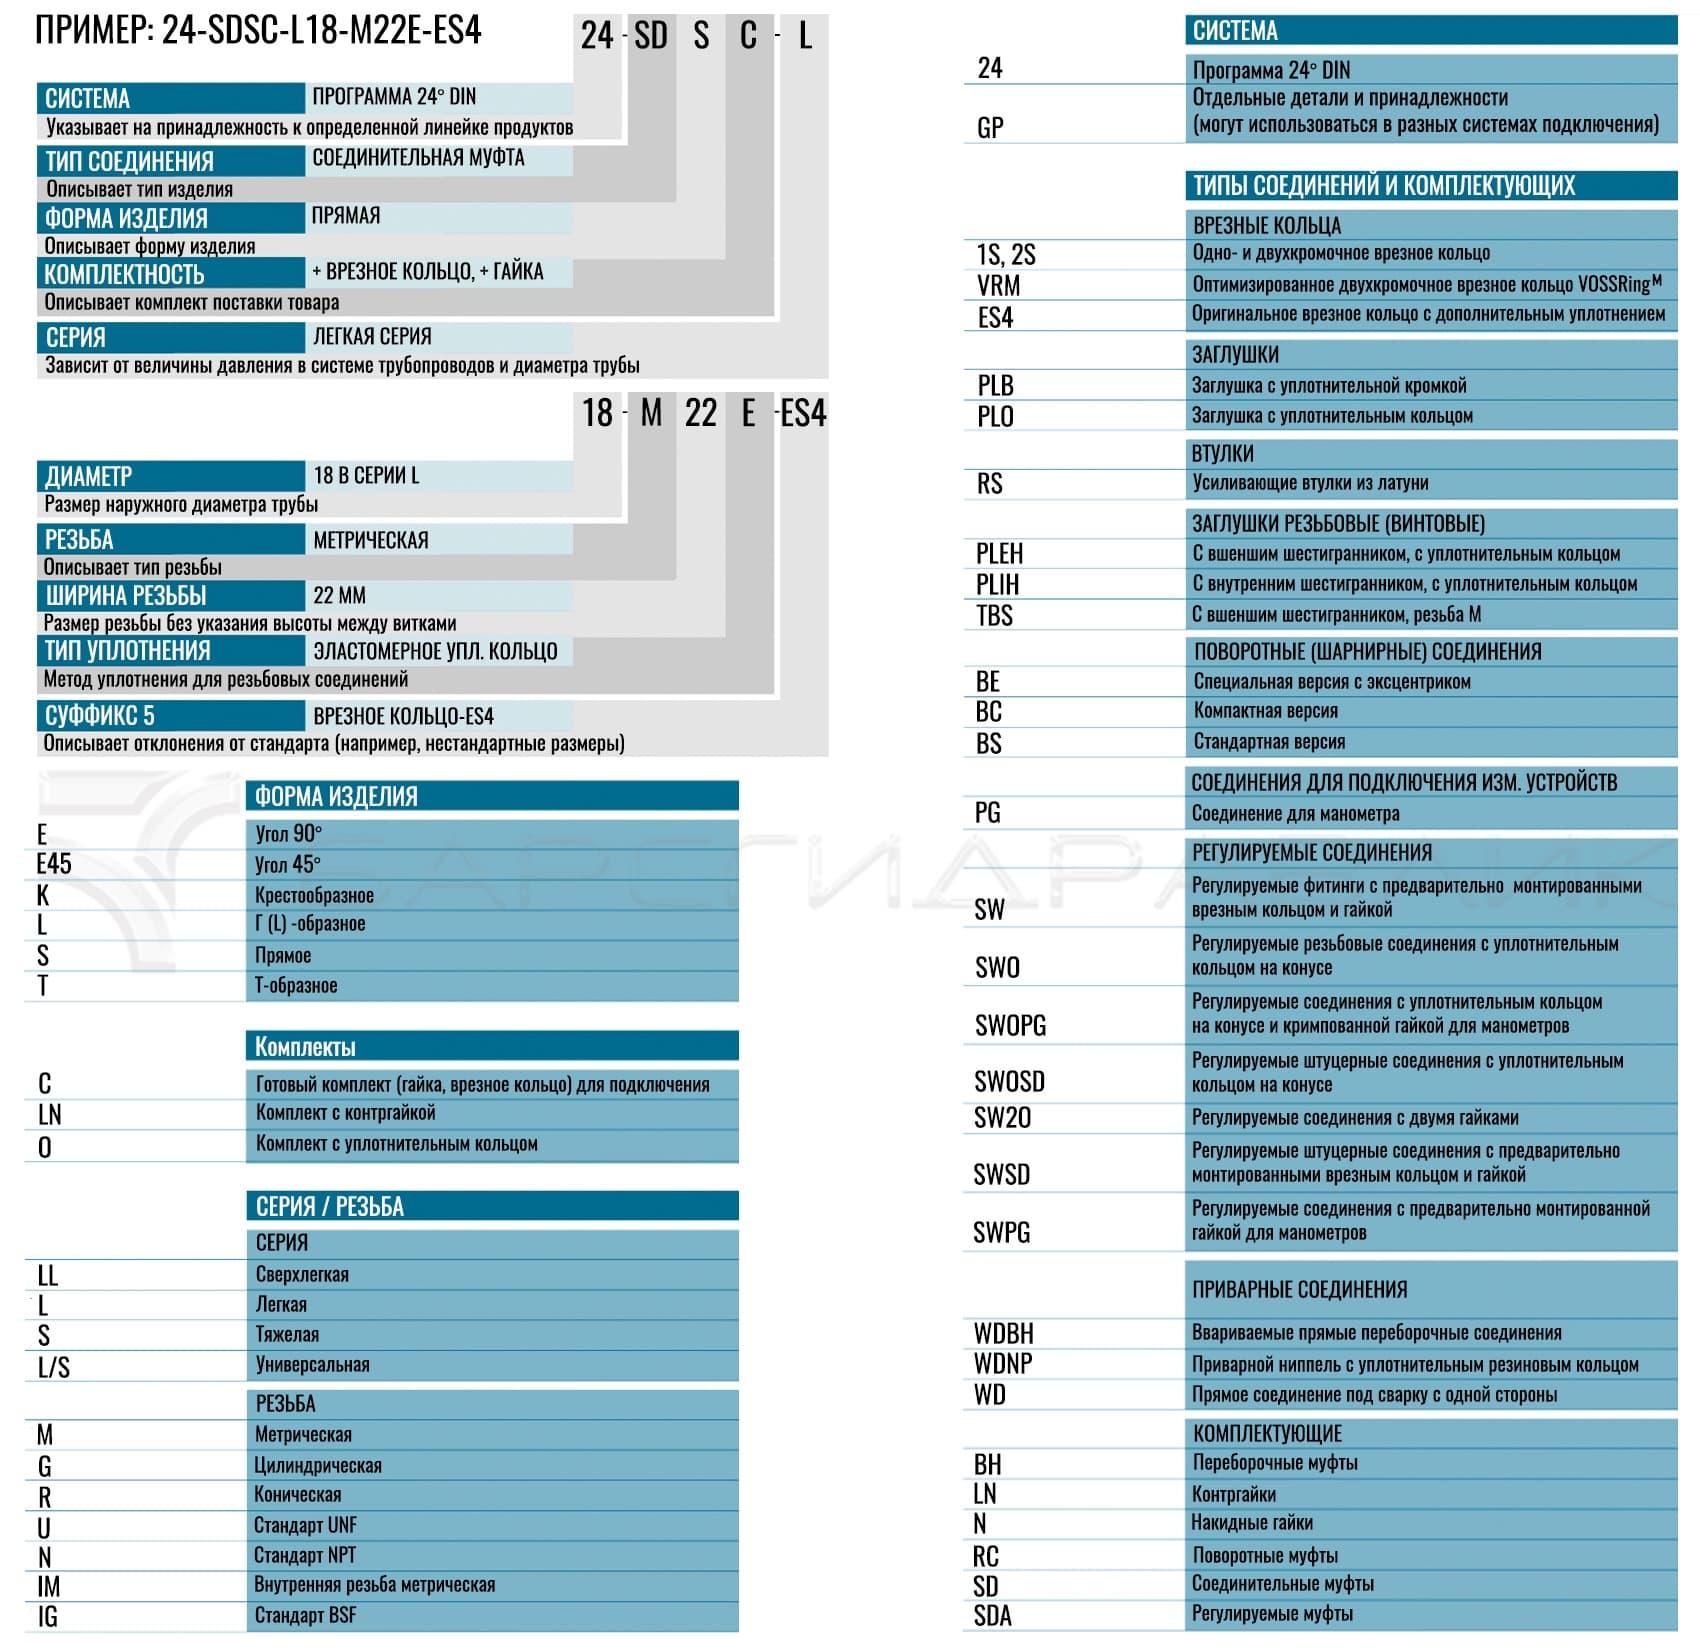 Расшифровка маркировки трубных соединений VOSS